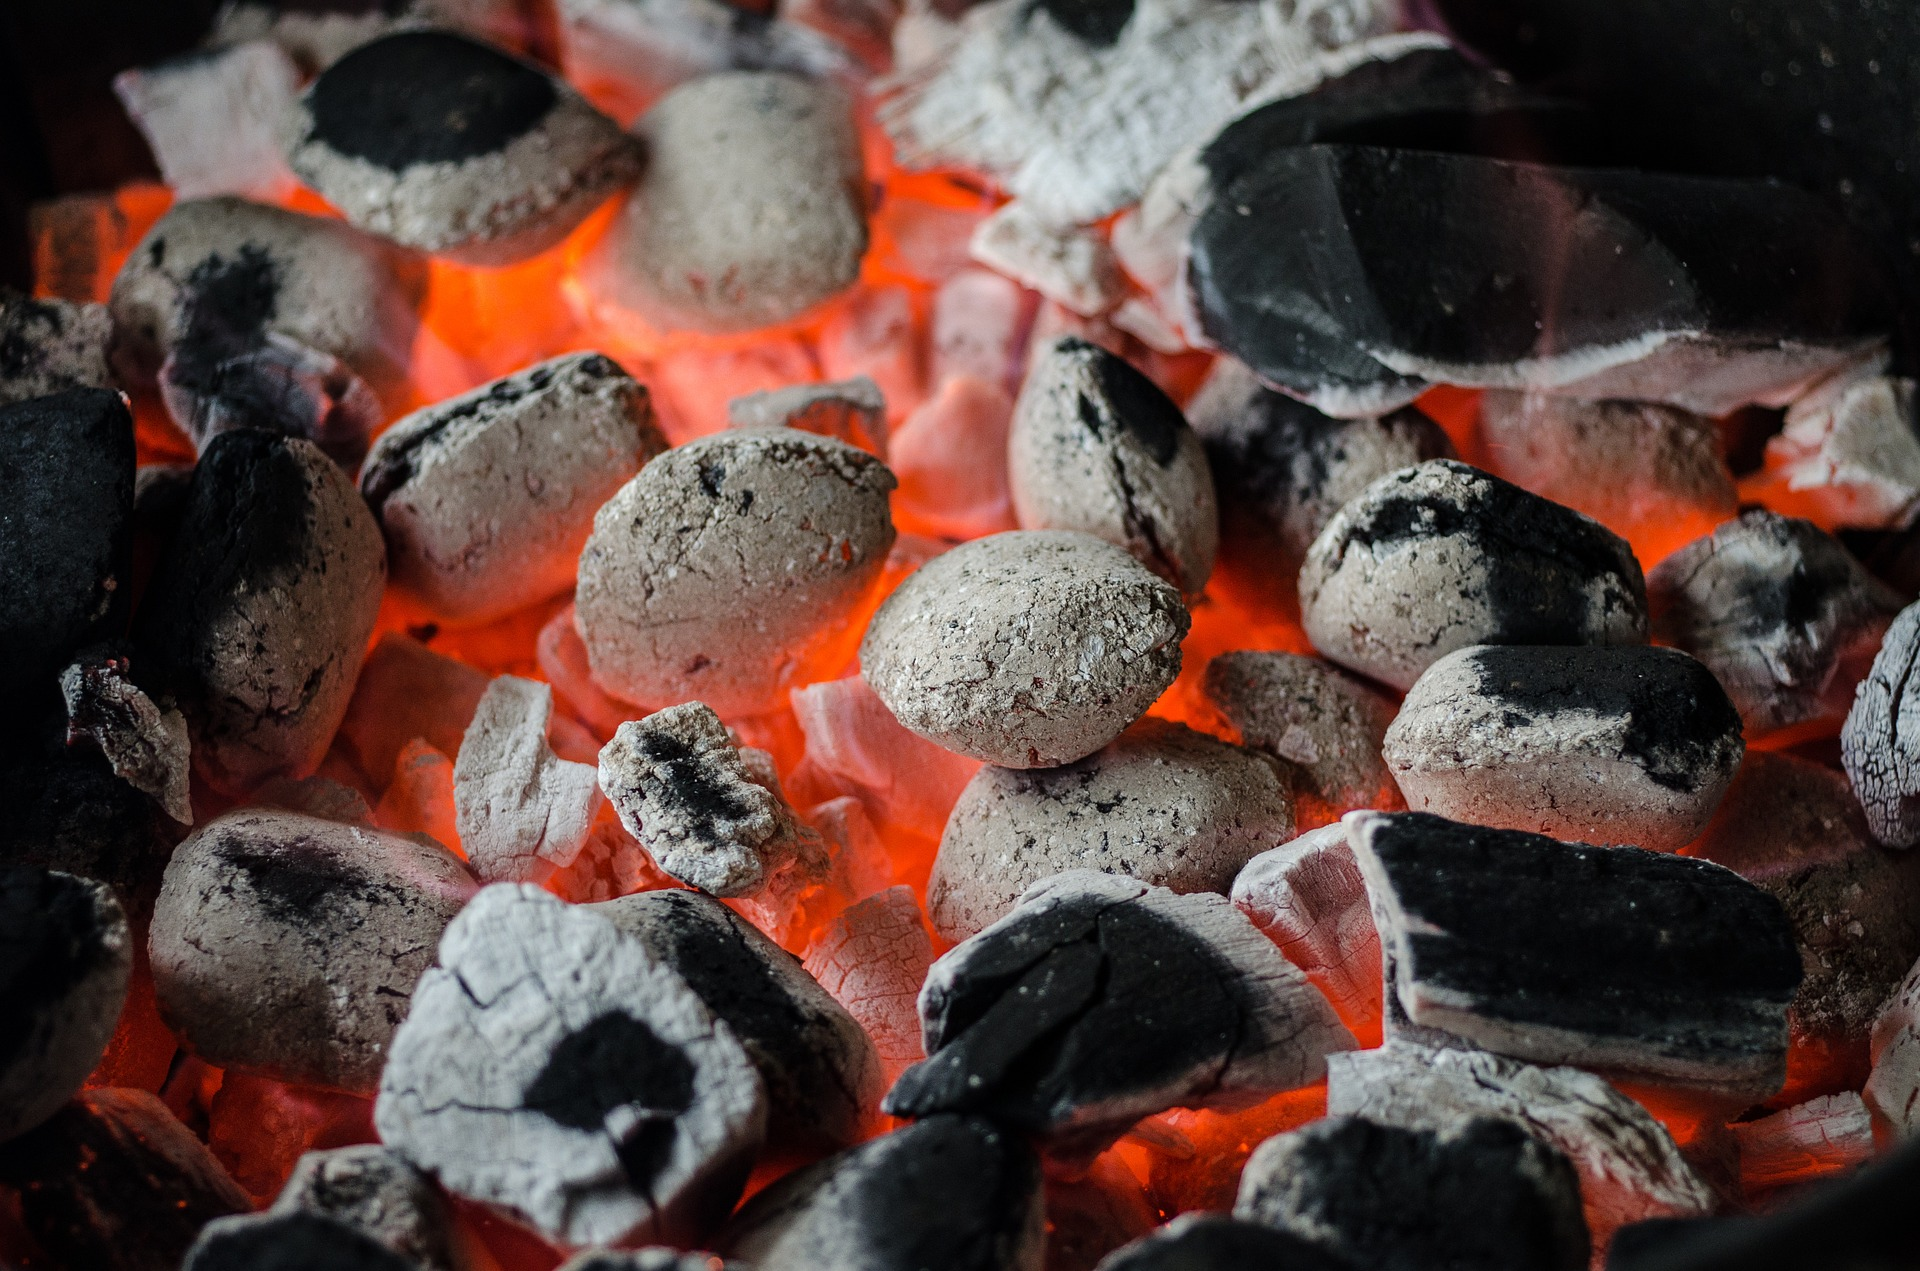 Wer Holzkohle kaufen möchte, sollte darauf achten, dass diese wenig Kohleabrieb hat.